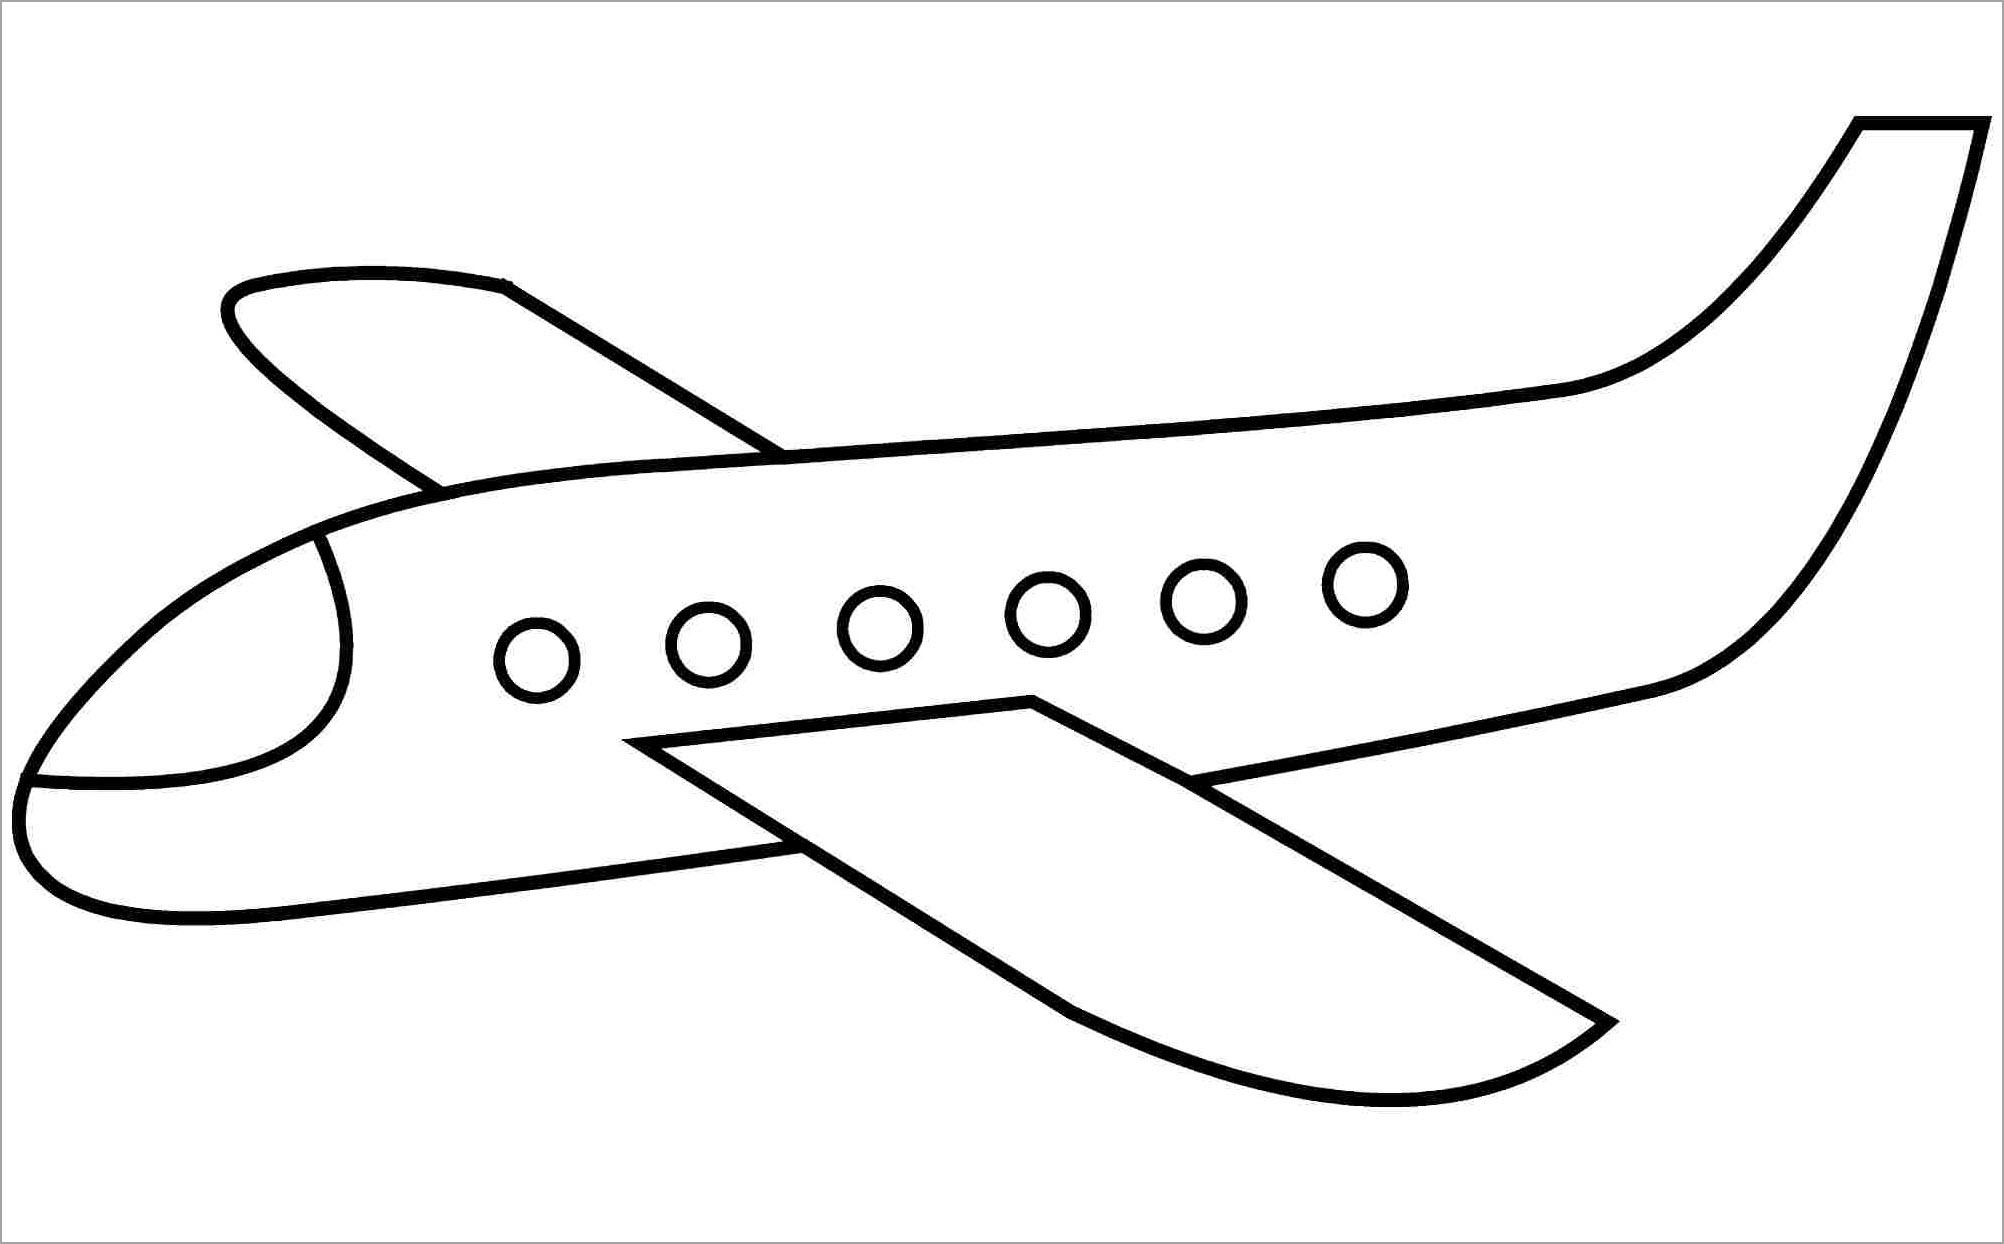 Hình máy bay để tô màu